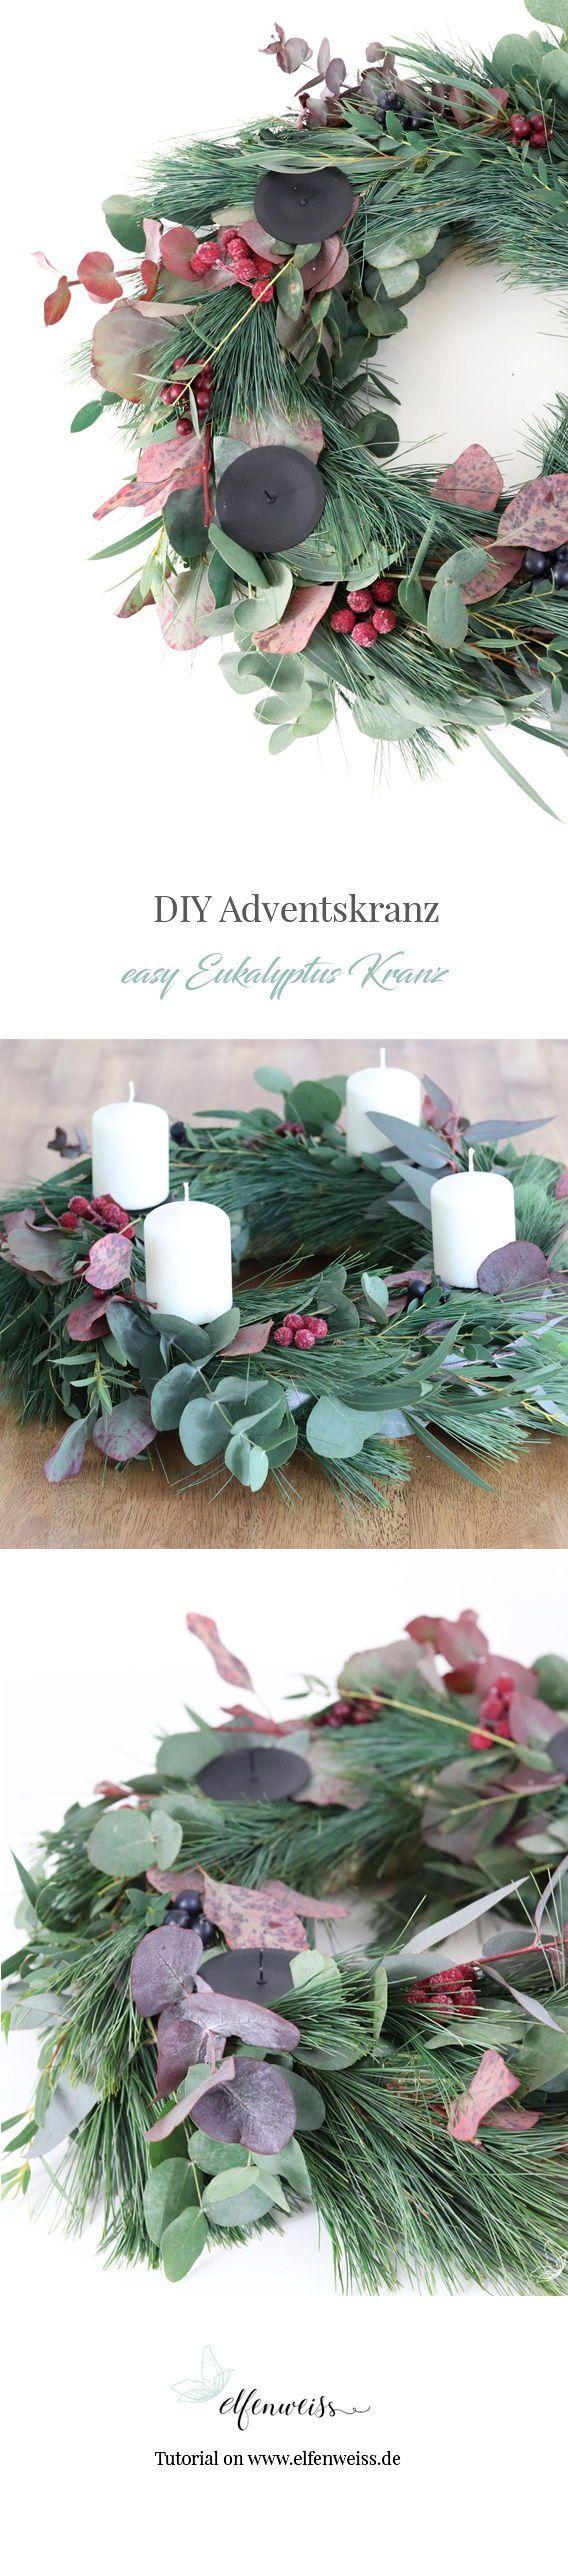 DIY Eukalyptus Kranz & Adventskranz #diygardendecor